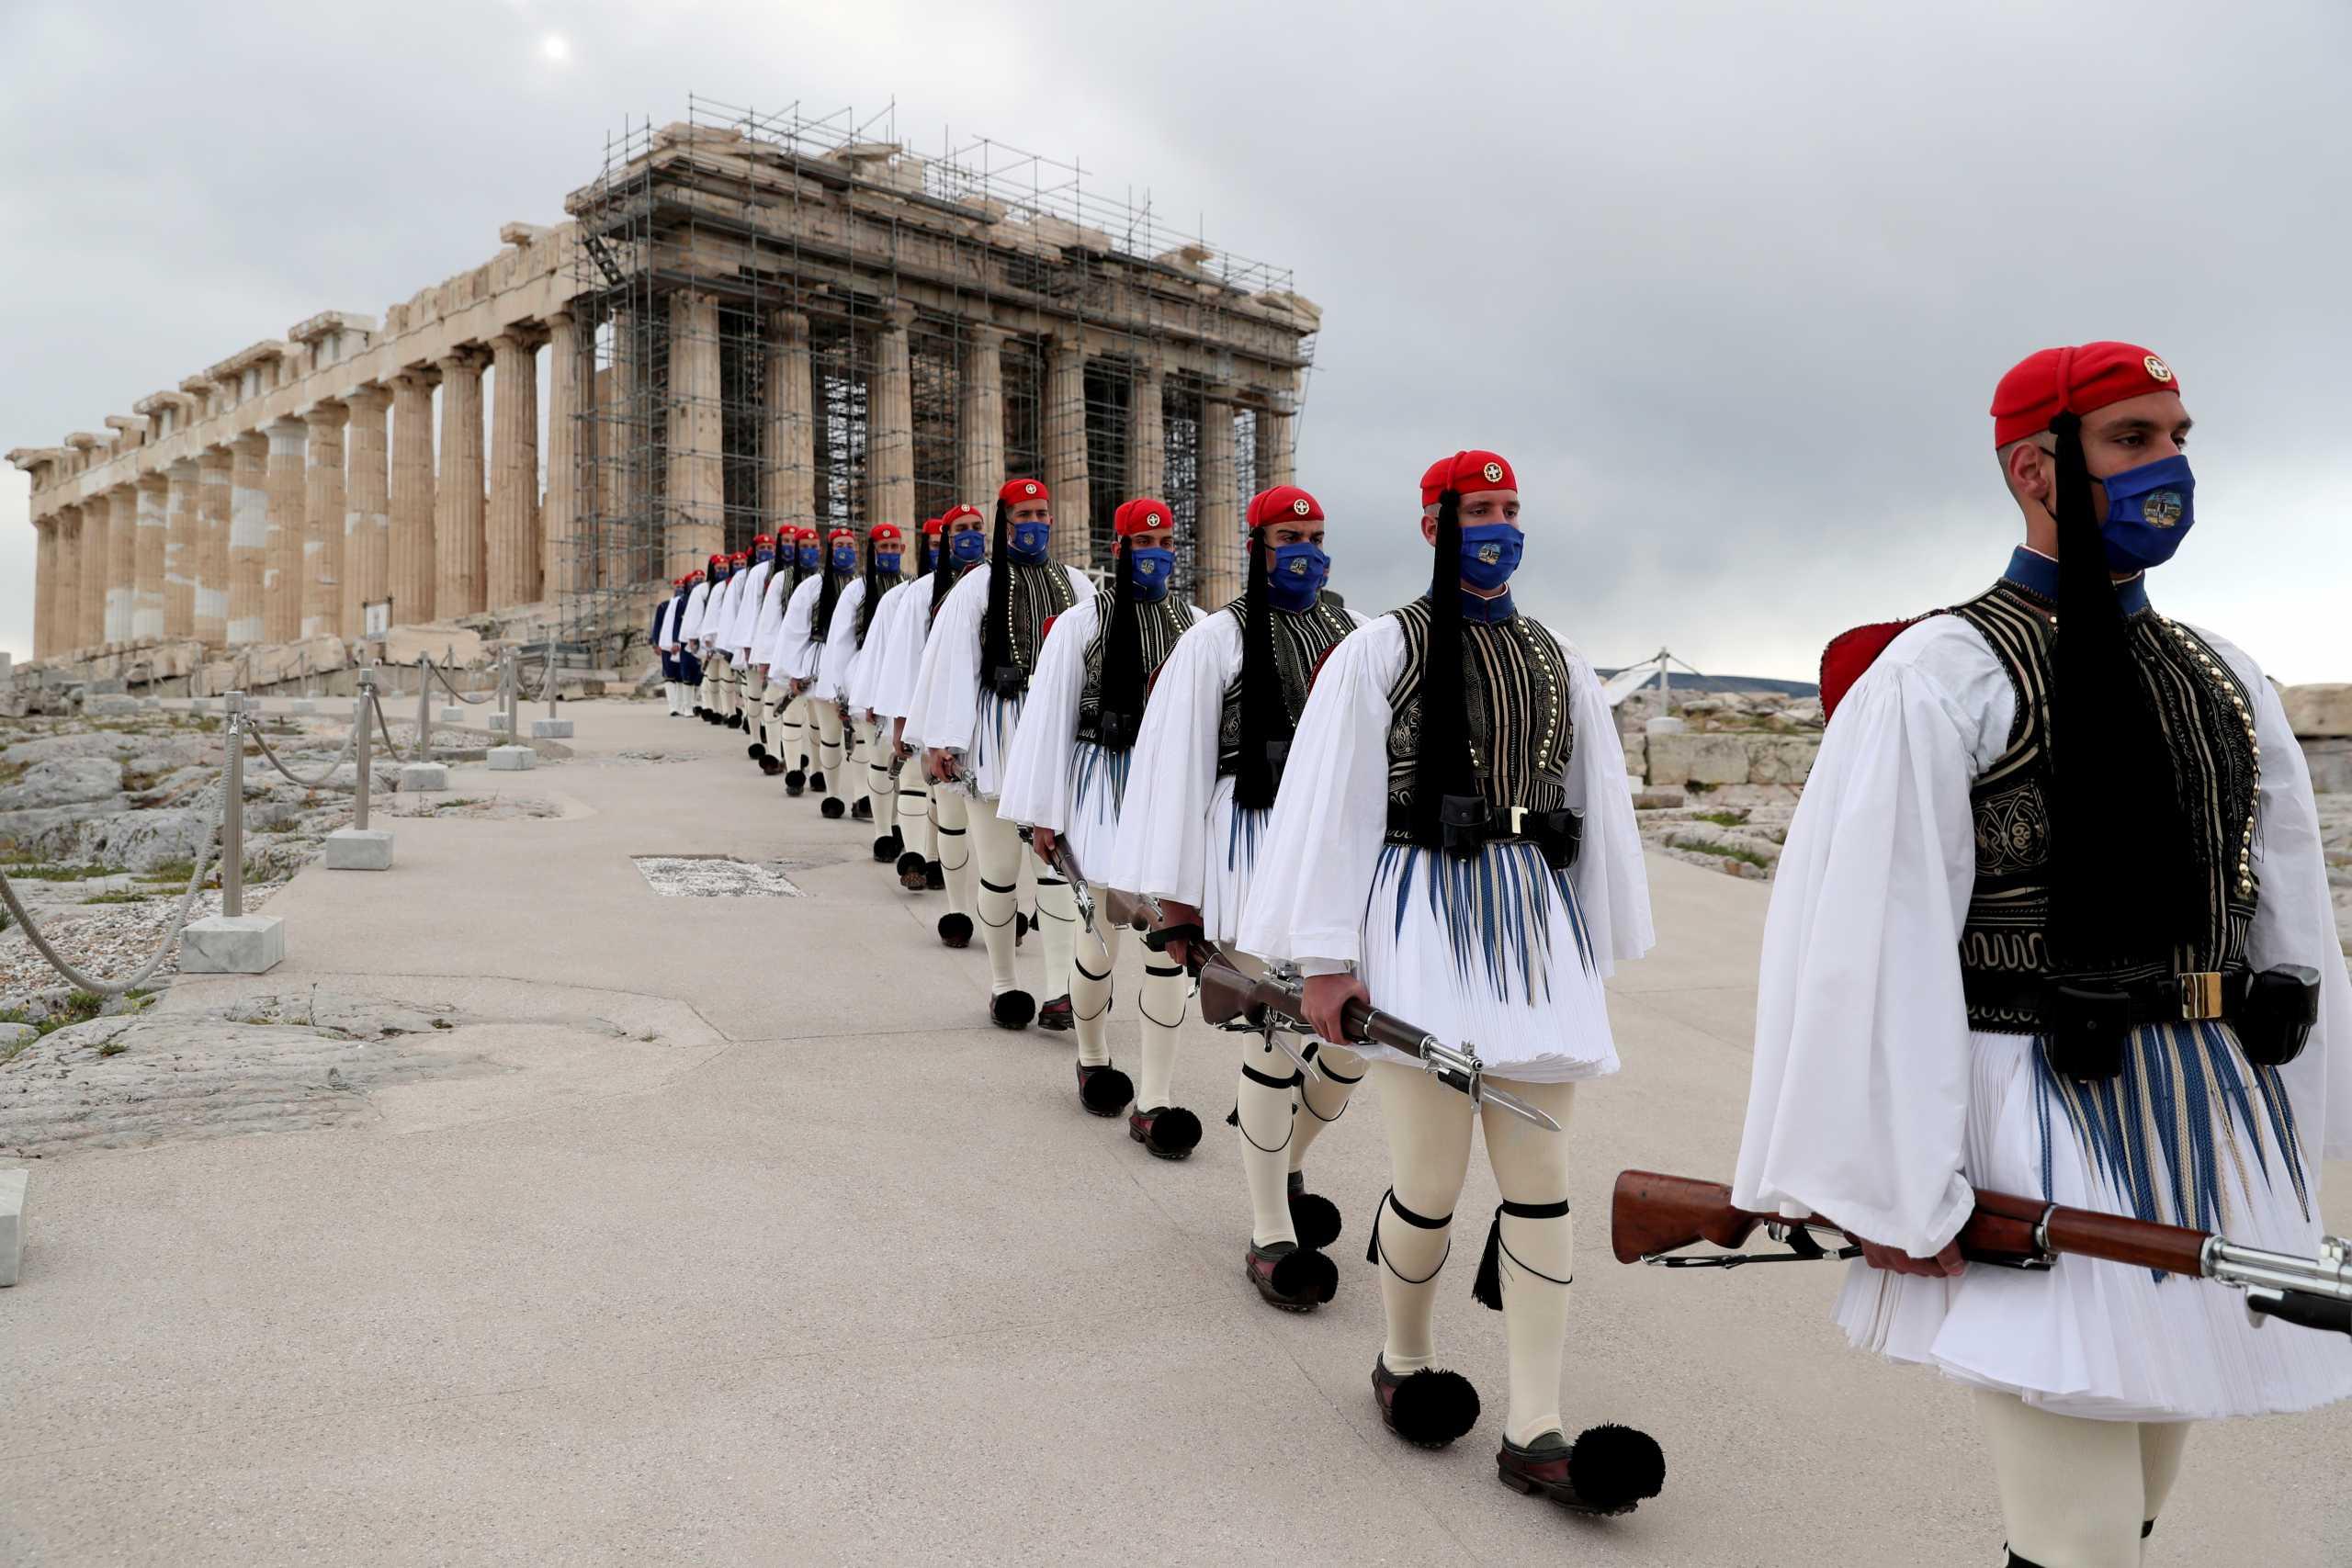 Γερμανία: «Ο έξω κόσμος θέλει να γιορτάσει την 200ή επέτειο με τους Έλληνες και το δείχνει»